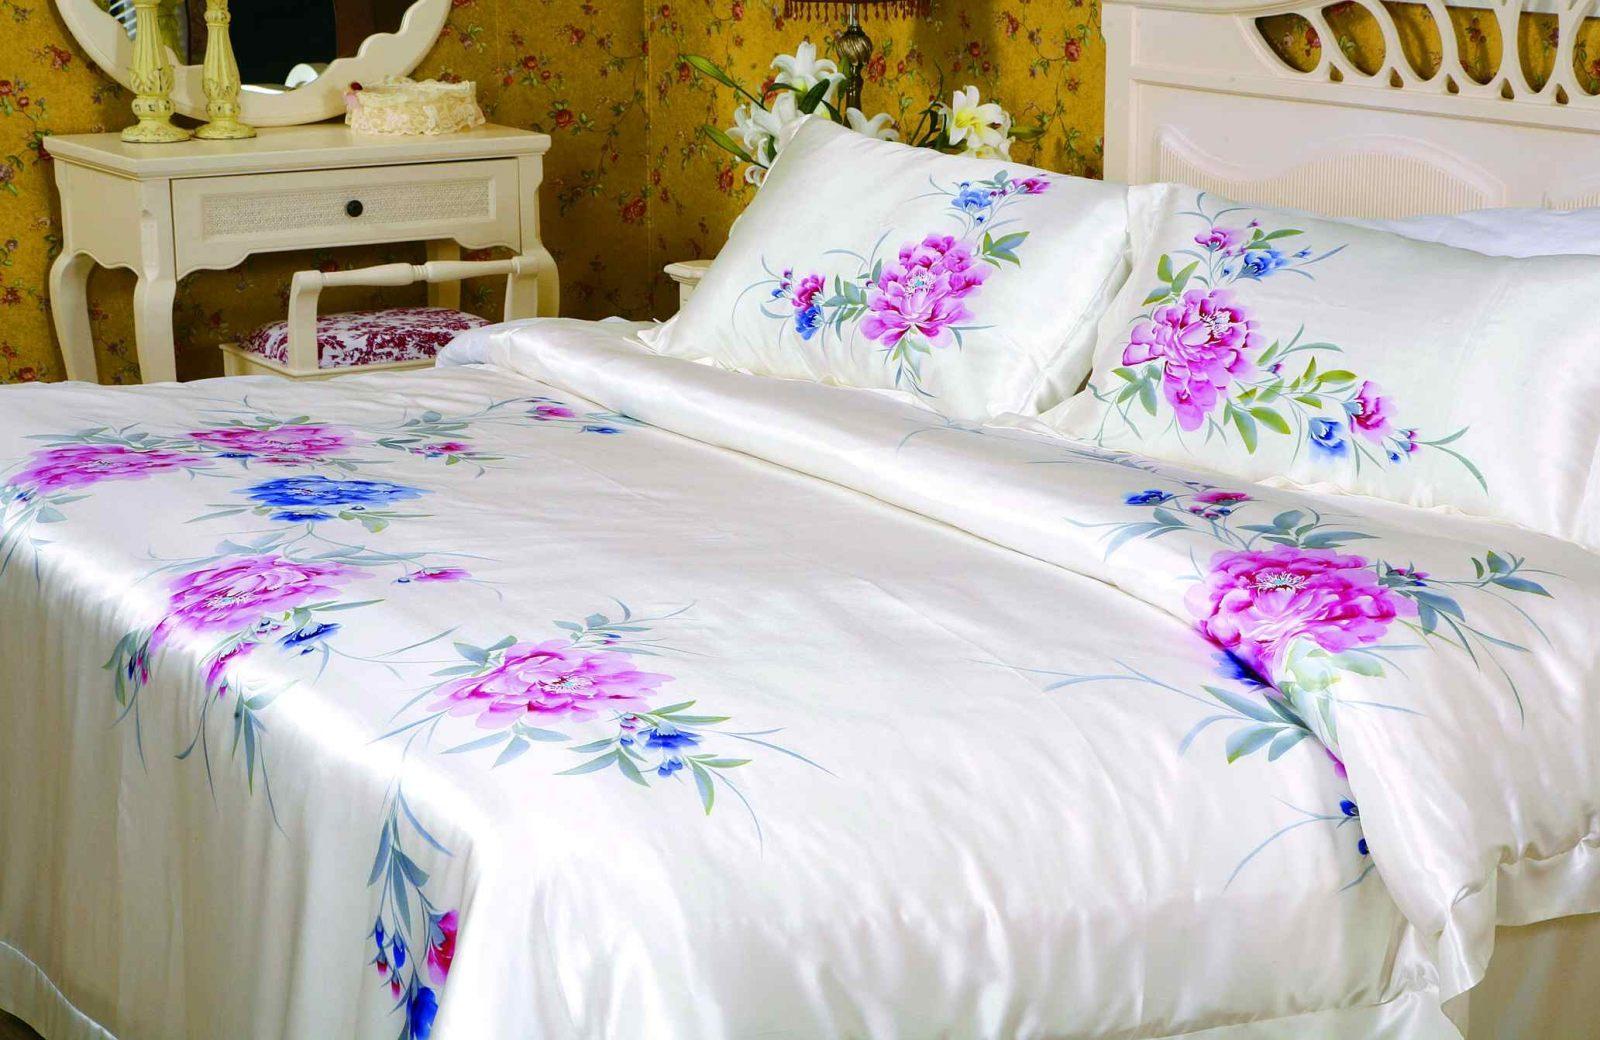 Ropa de cama blanca y rosada im genes y fotos - Ropa de cama para hosteleria ...